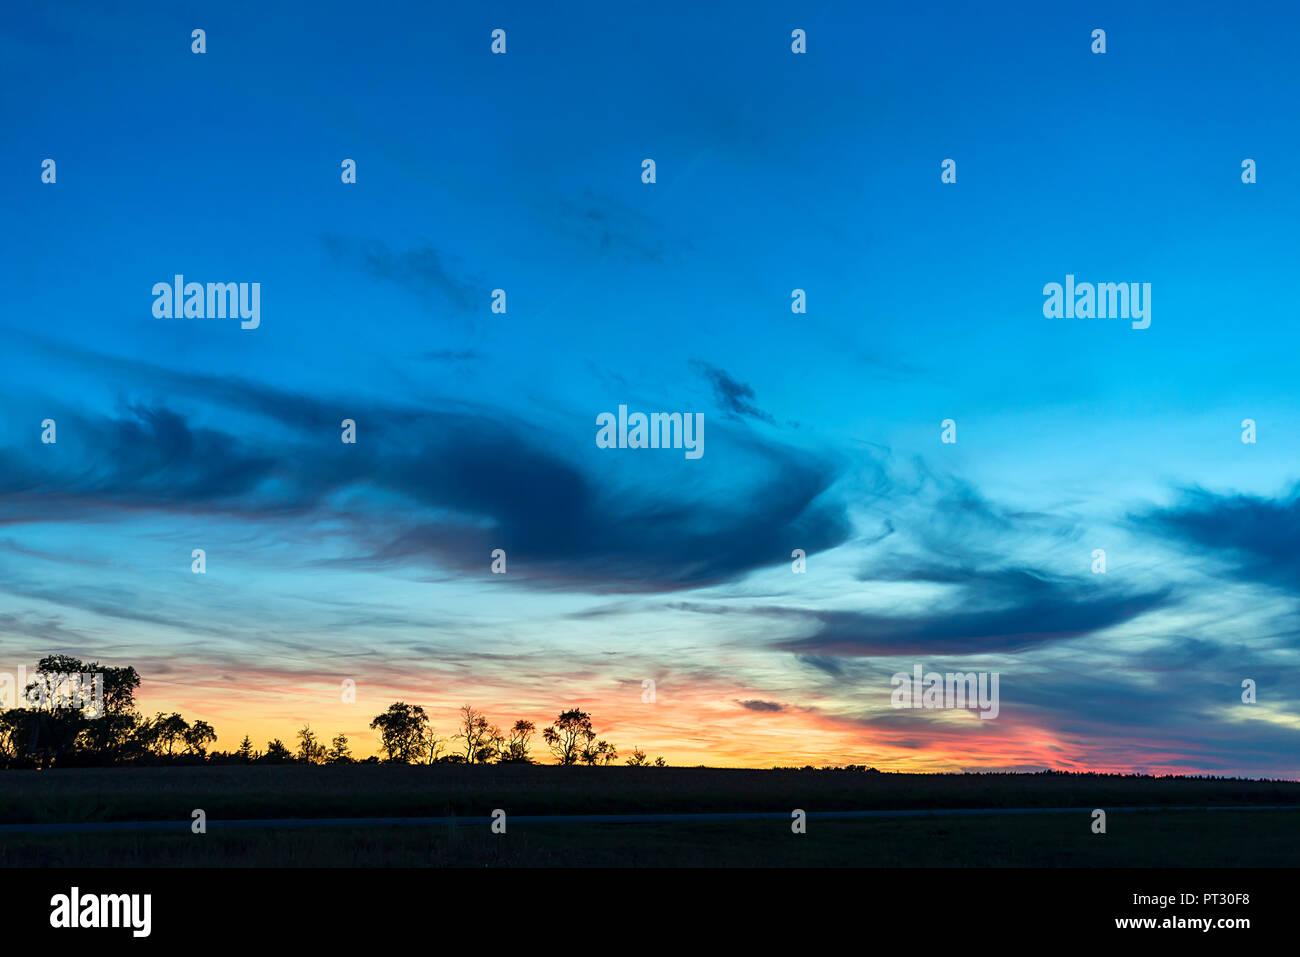 Silouettes arbre avec de sombres nuages au coucher du soleil, Bavière, Allemagne Photo Stock